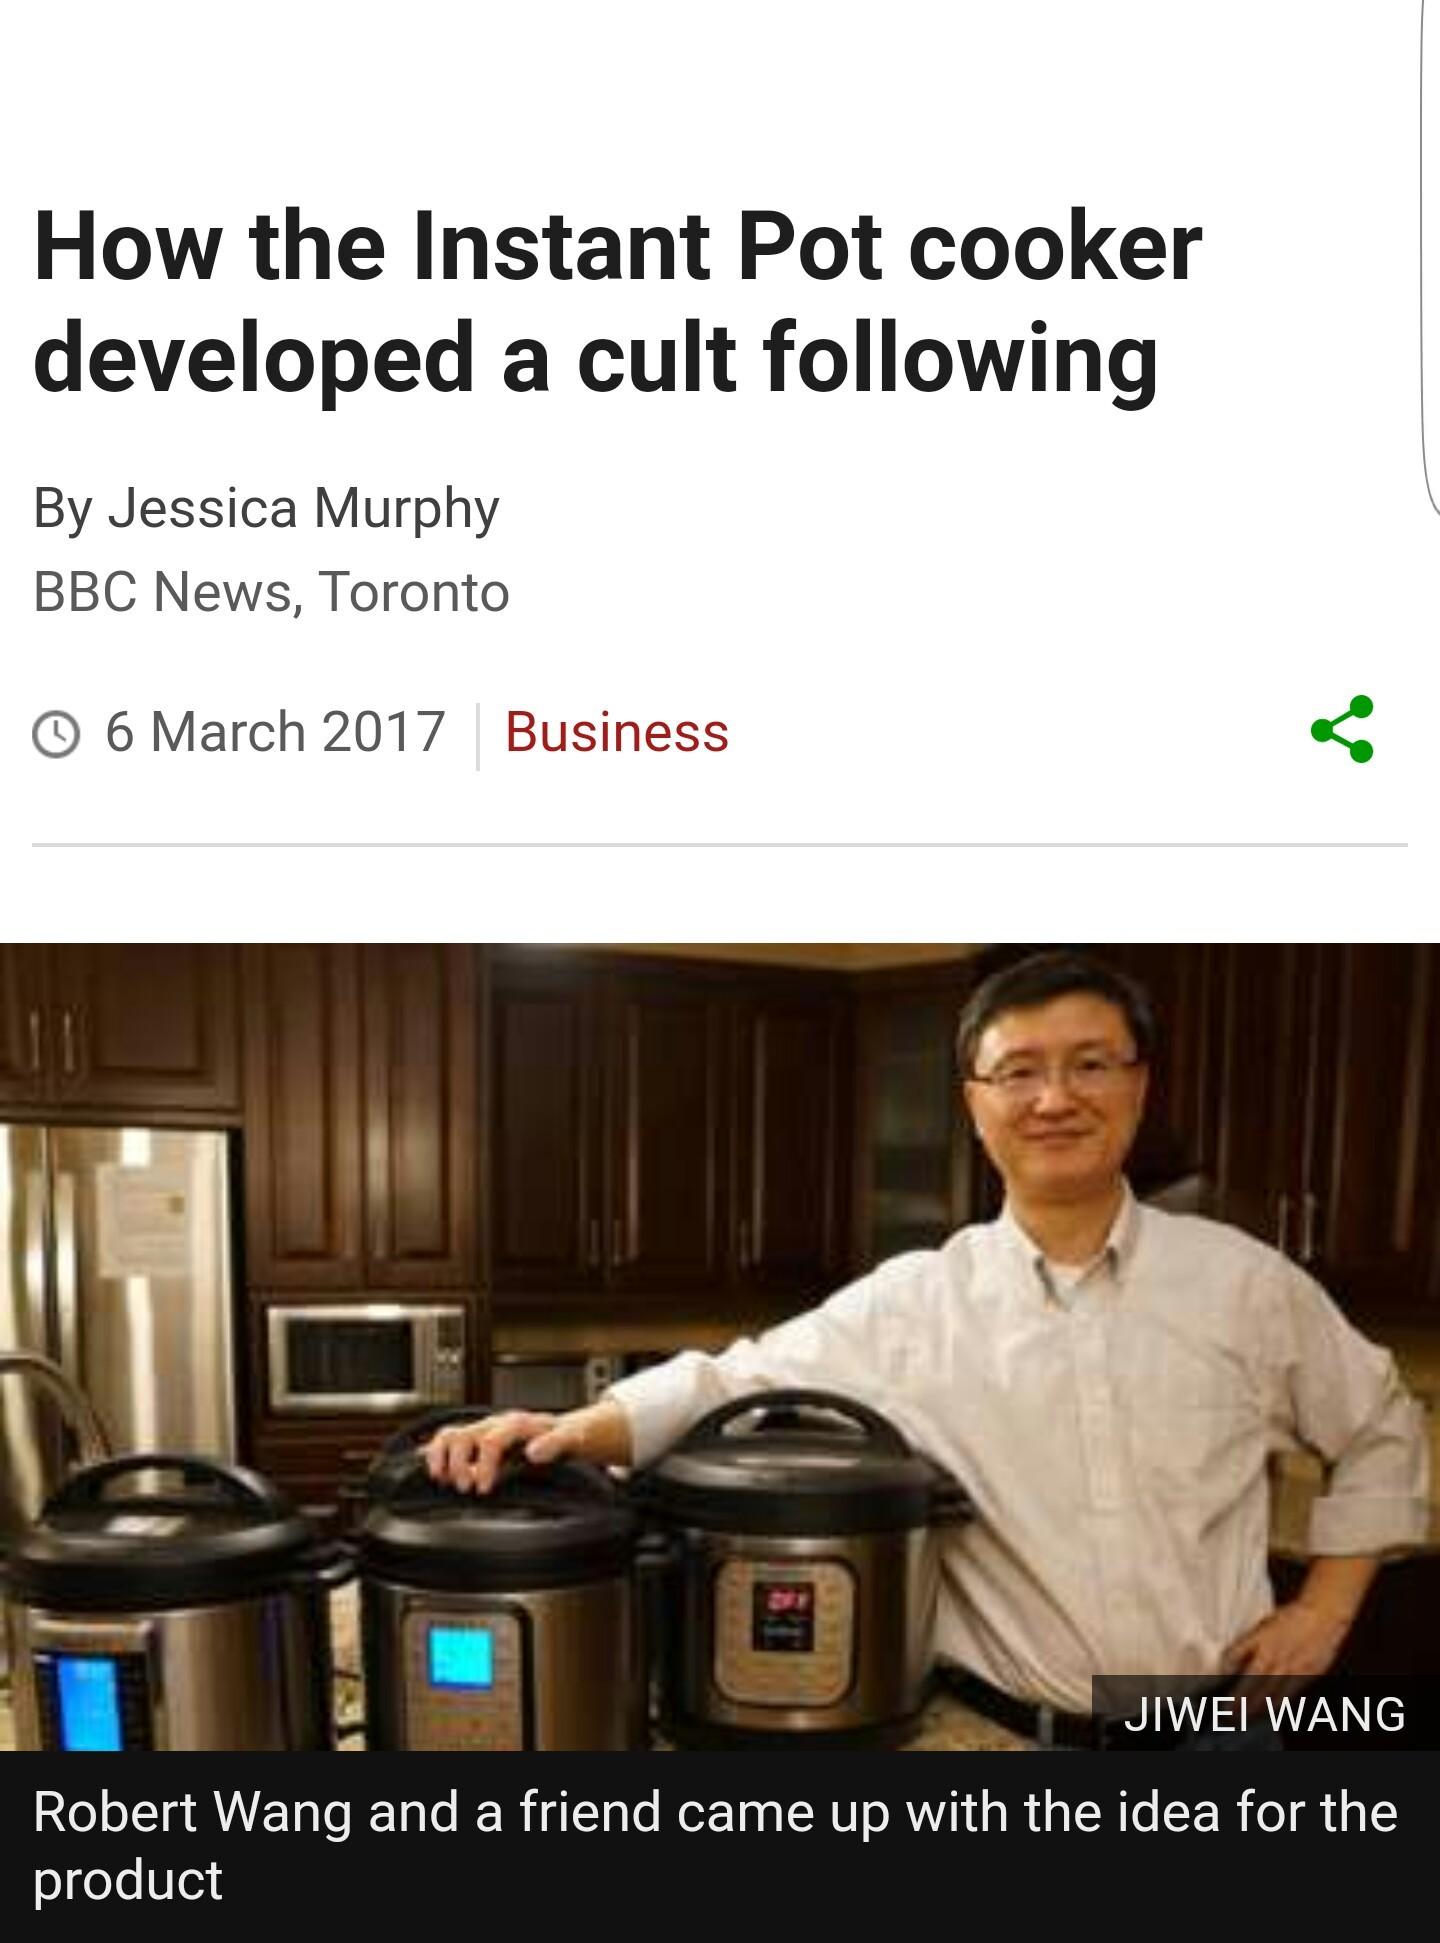 All hail pot cooker